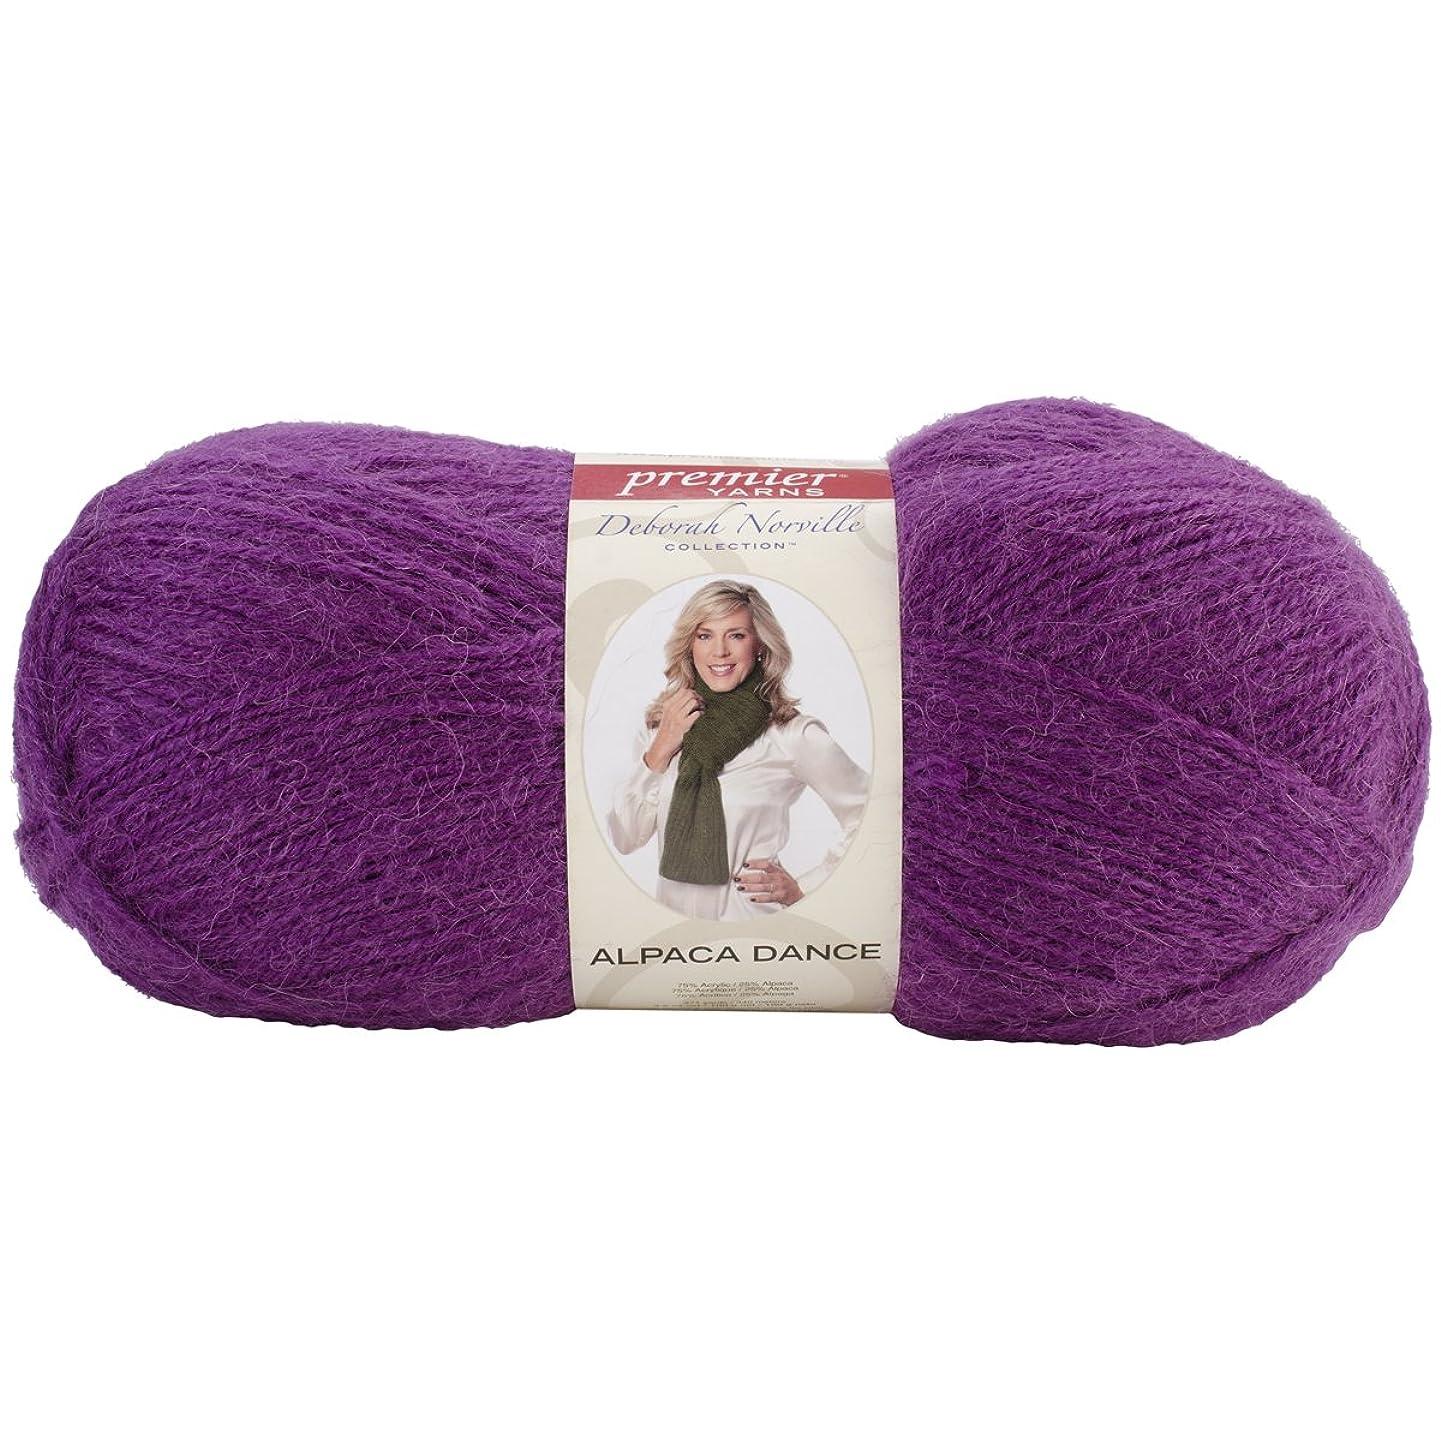 Premier Yarns Deborah Norville Collection Alpaca Dance Yarn-Grape Soda